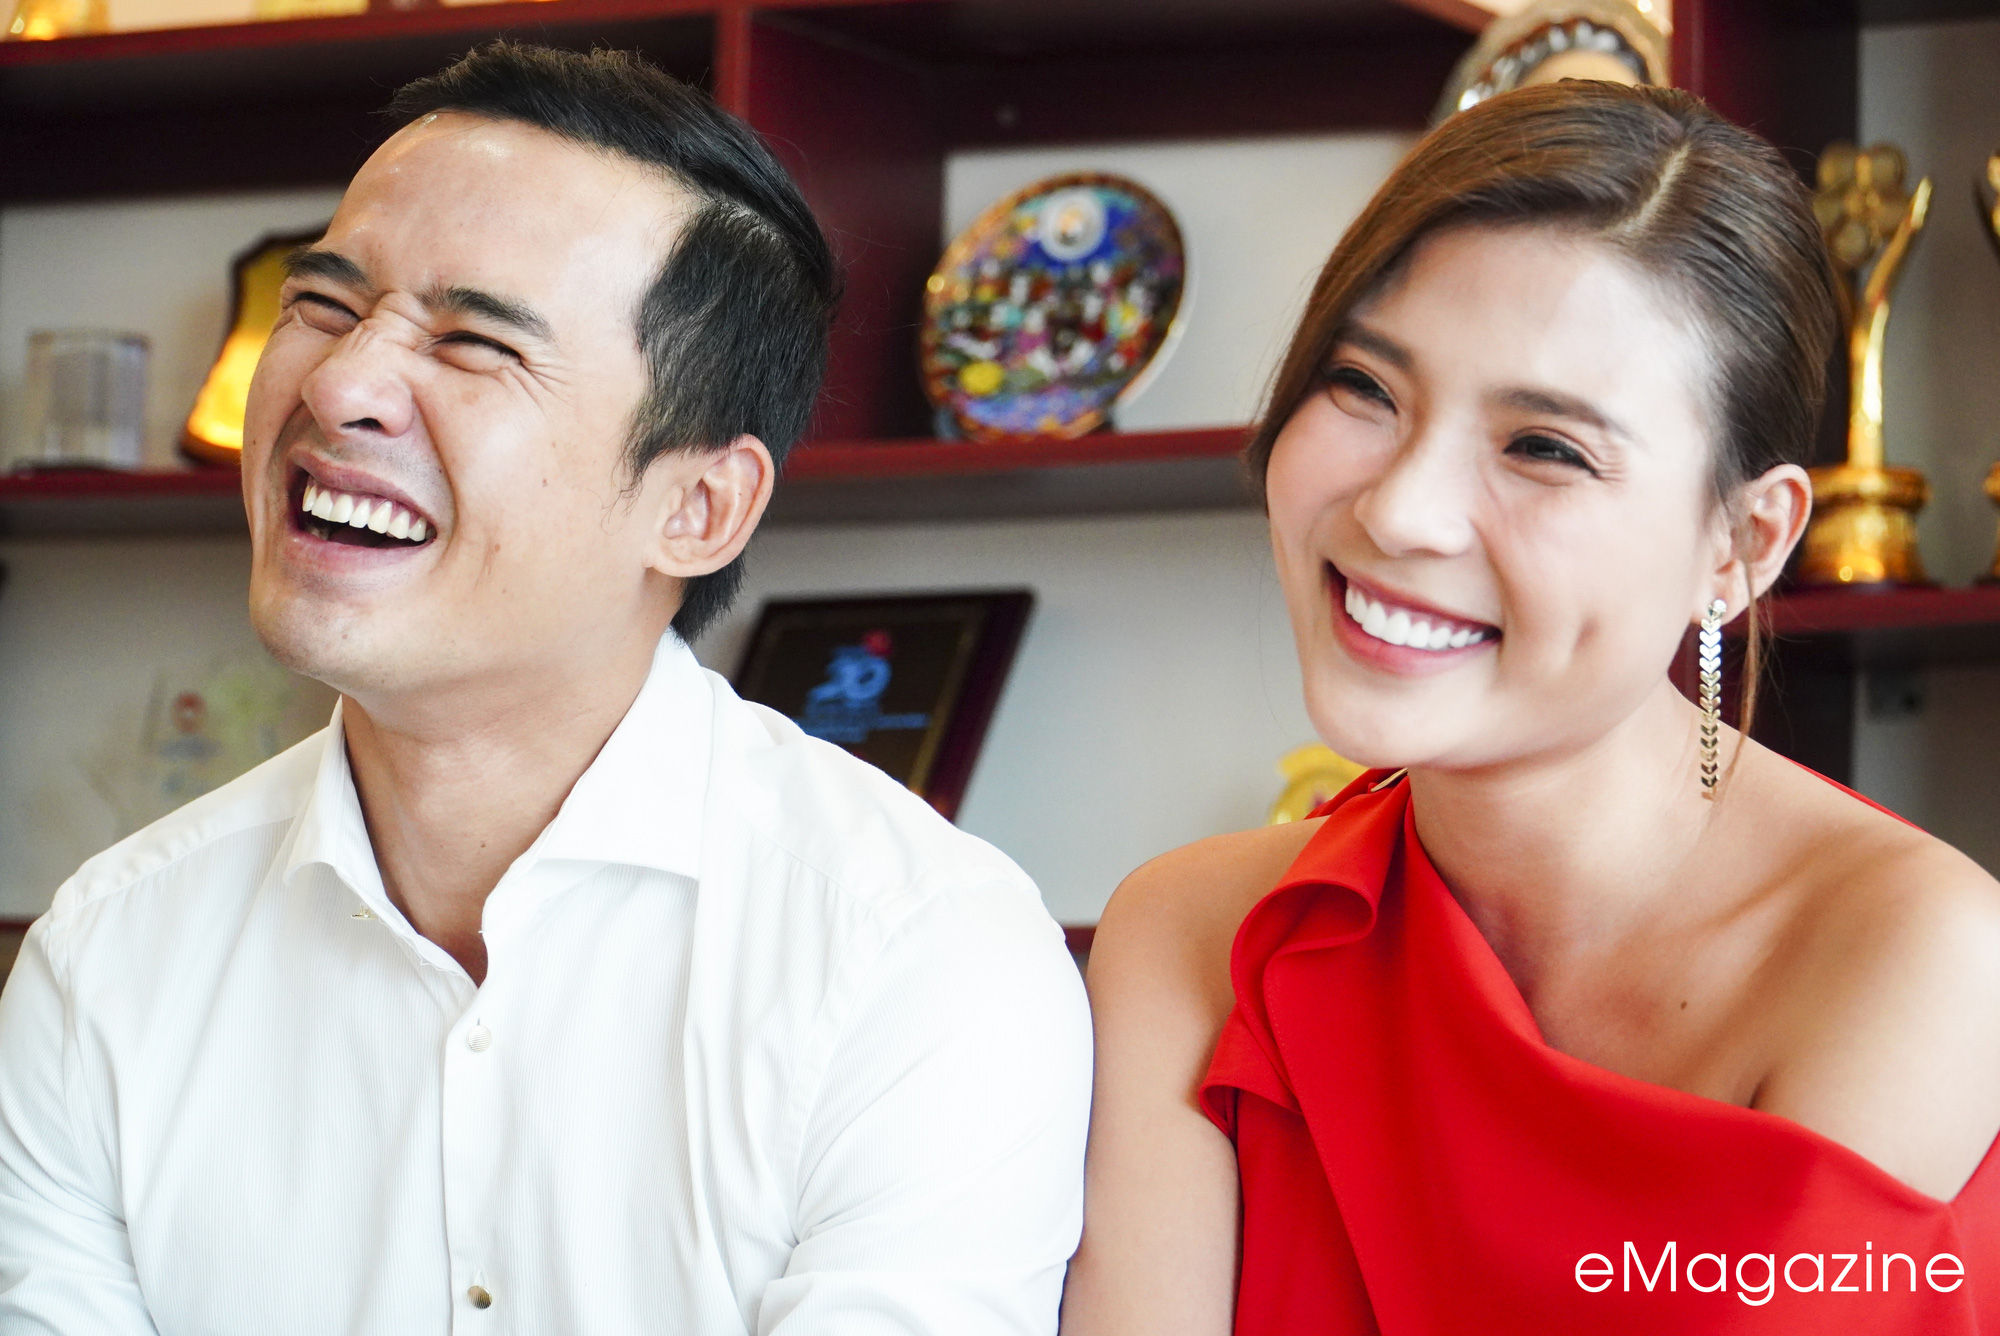 [eMagazine] Cặp đôi Lương Thế Thành - Thúy Diễm mạnh miệng...  tố nhau - Ảnh 3.